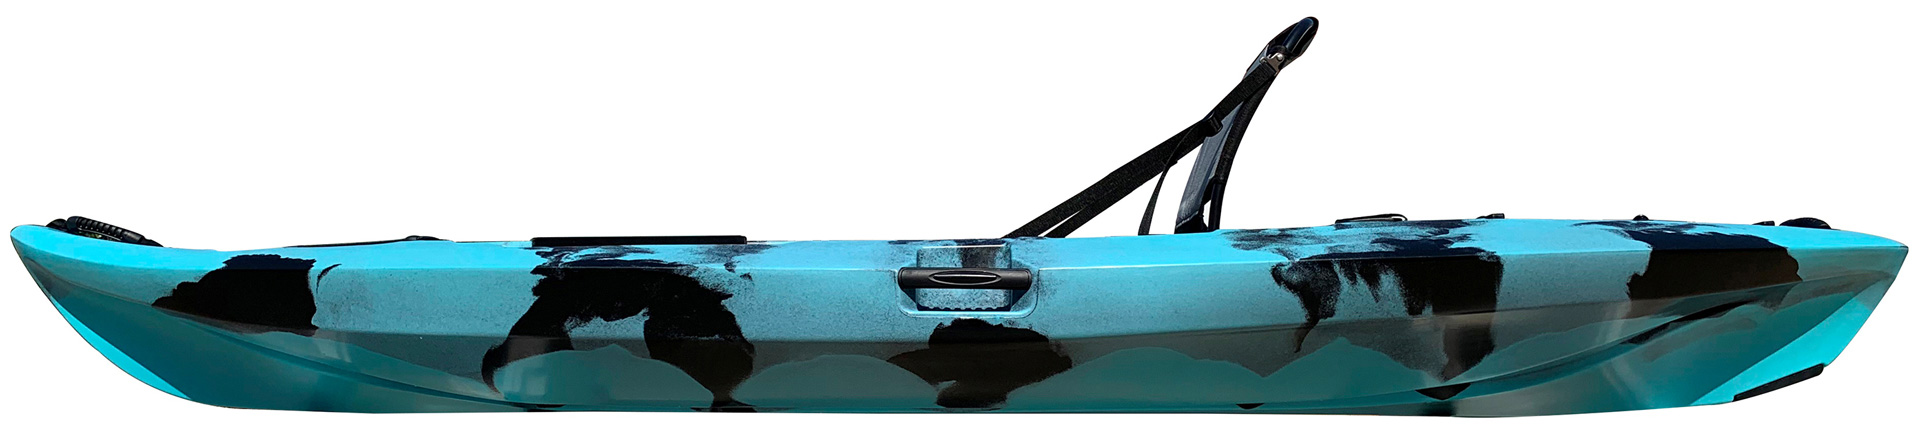 Titan DLX Kayak